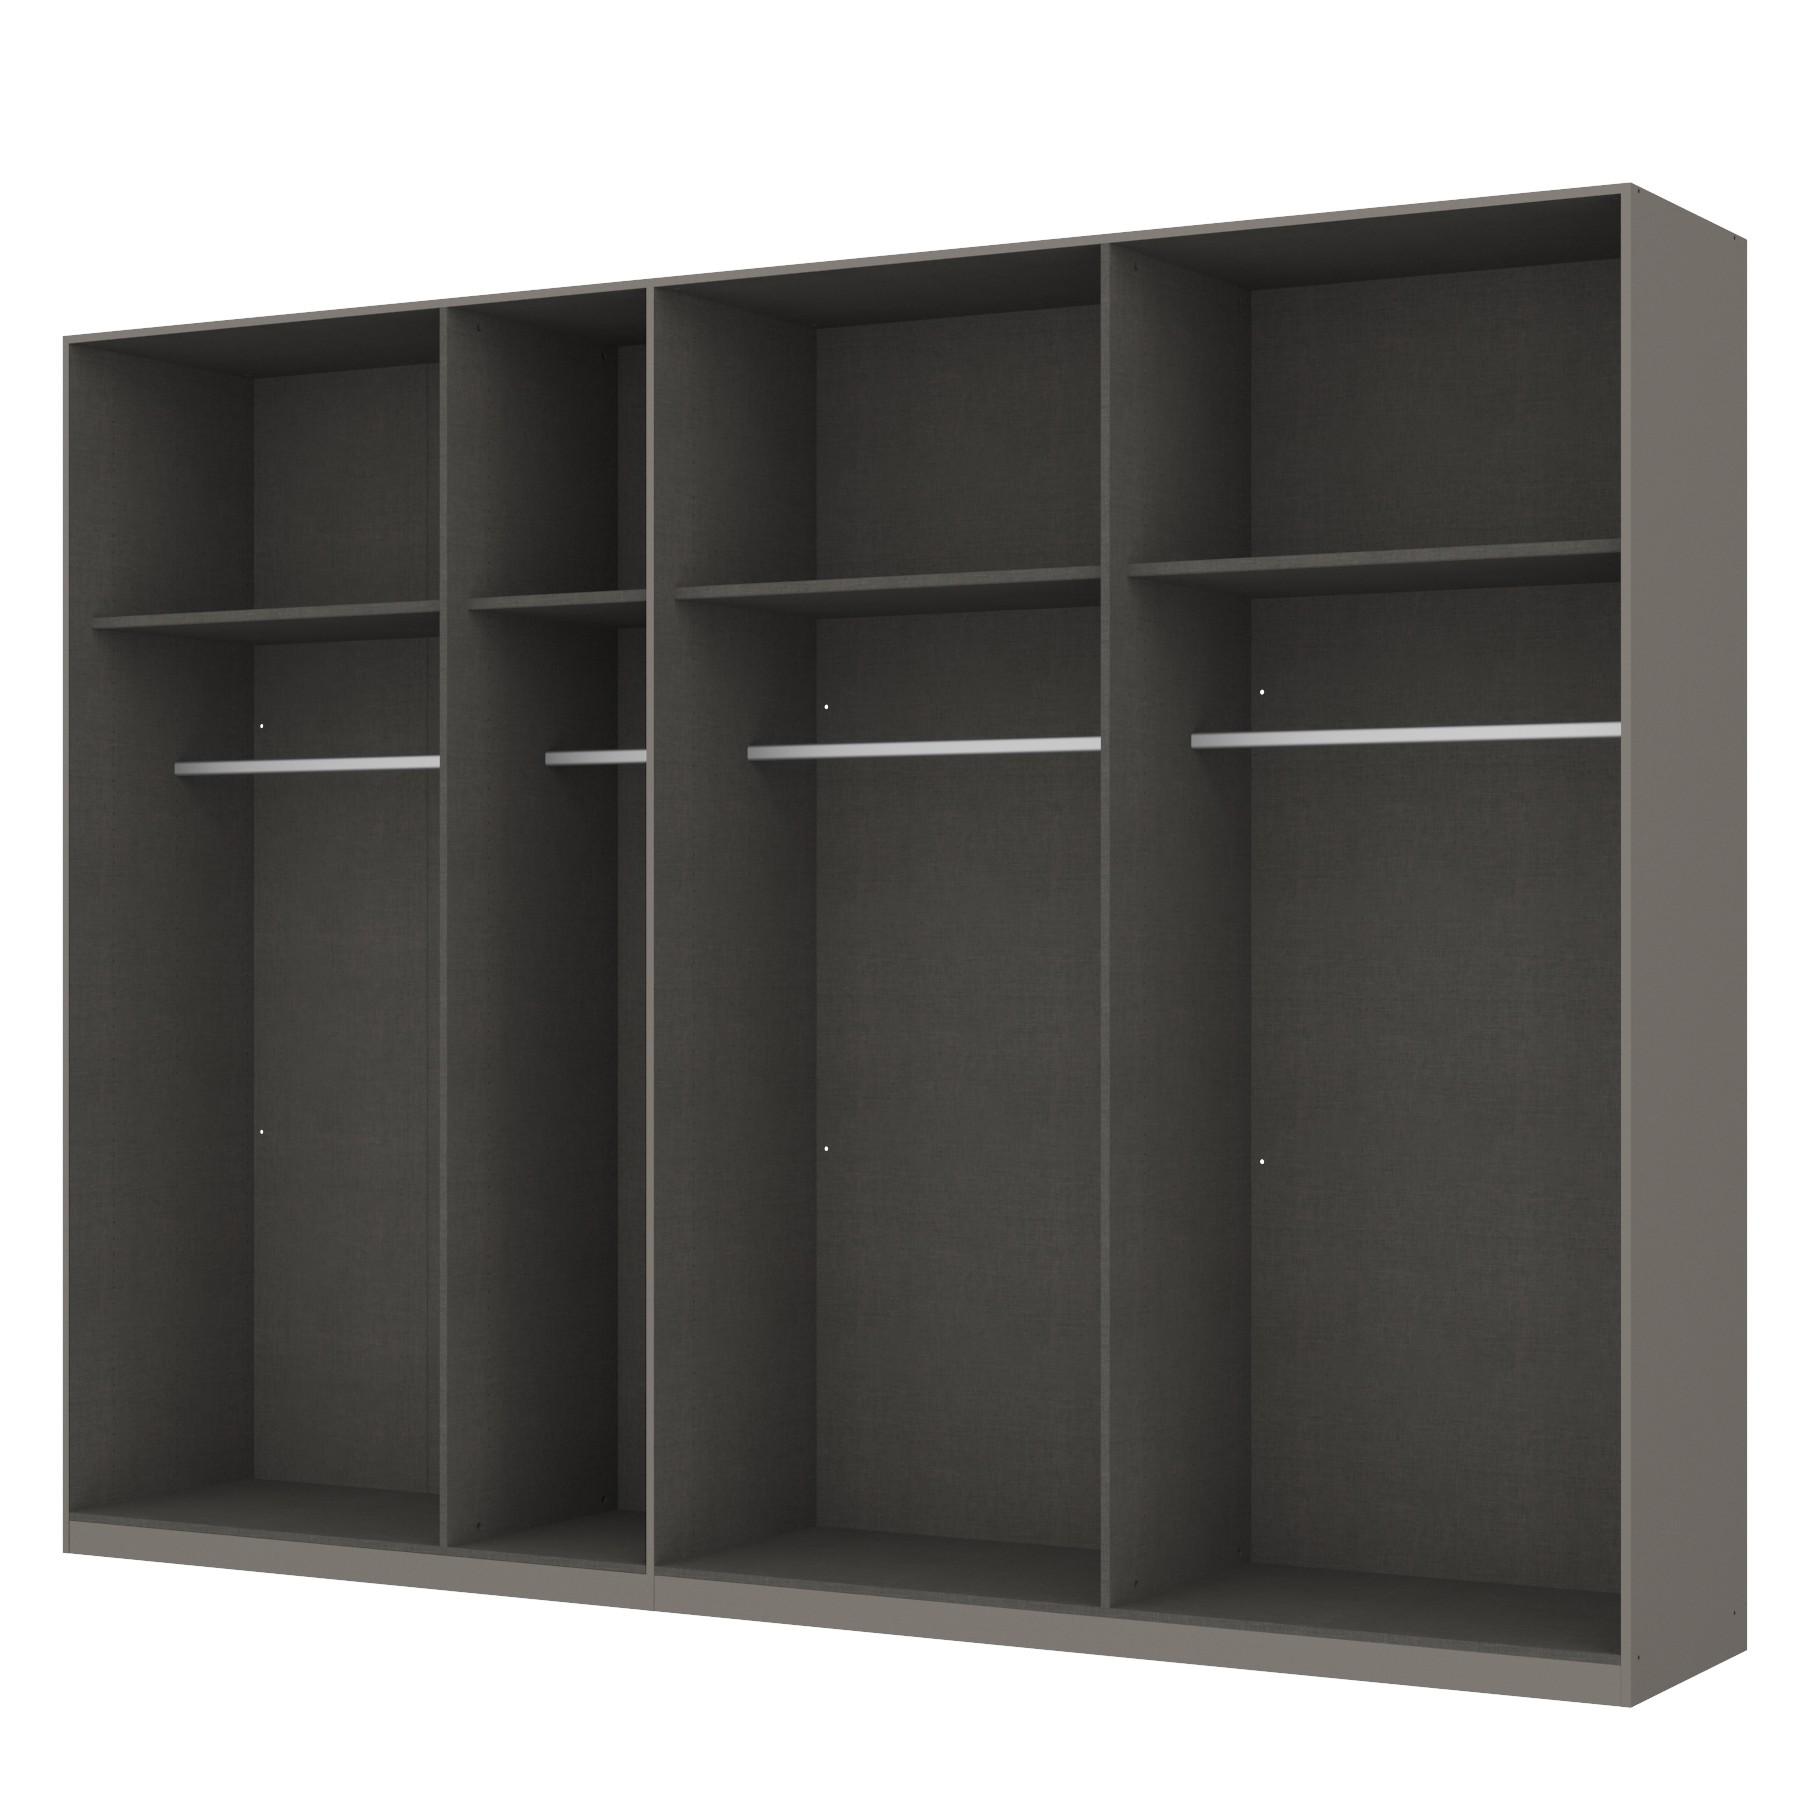 Kleiderschrank SKØP - Graphit/ Offen - 315 cm (7-türig) - 236 cm - Premium